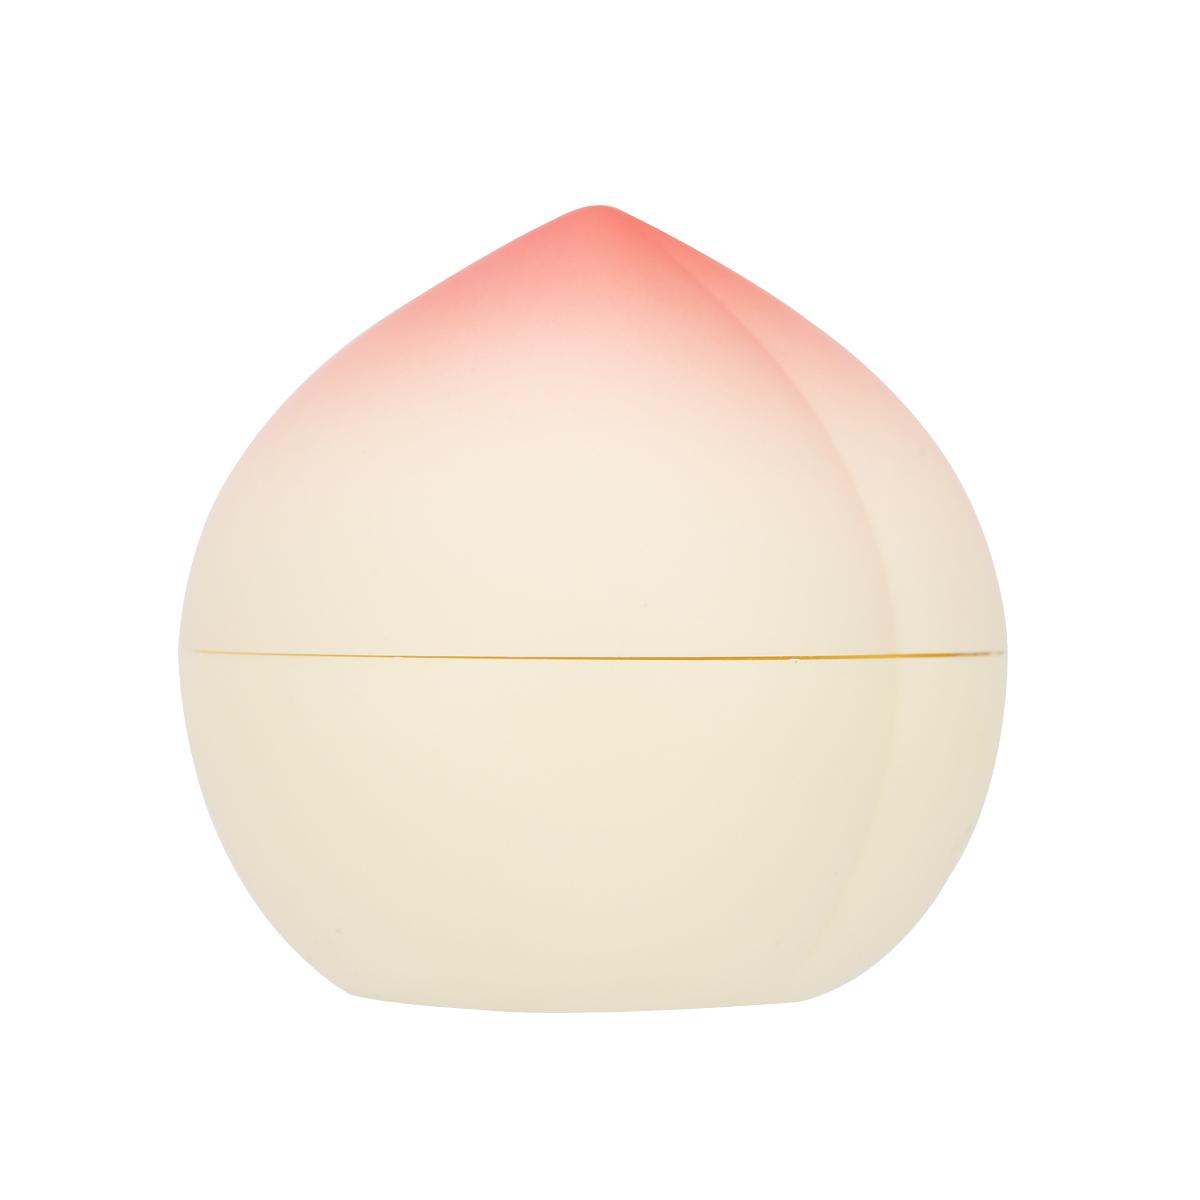 TonyMoly Крем для рук с персиком Peach Anti-Aging Hand Cream, 30 грBD03012200Интенсивный питательный крем для рук, который наполнит Ваш день ароматом свежего персика. Персиковый экстракт богат Ликопином (по свойствам, Ликопин в 100 раз более эффективен, чем витамин Е), а экстракт абрикоса питает и увлажняет чувствительную и сухую кожу рук. Также содержит Аденозин, вещество, которое активно борется с признаками старения и омолаживает кожу. Марка Tony Moly чаще всего размещает на упаковке (внизу или наверху на спайке двух сторон упаковки, на дне банки, на тубе сбоку) дату изготовления в формате: год/месяц/дата.Как ухаживать за ногтями: советы эксперта. Статья OZON Гид